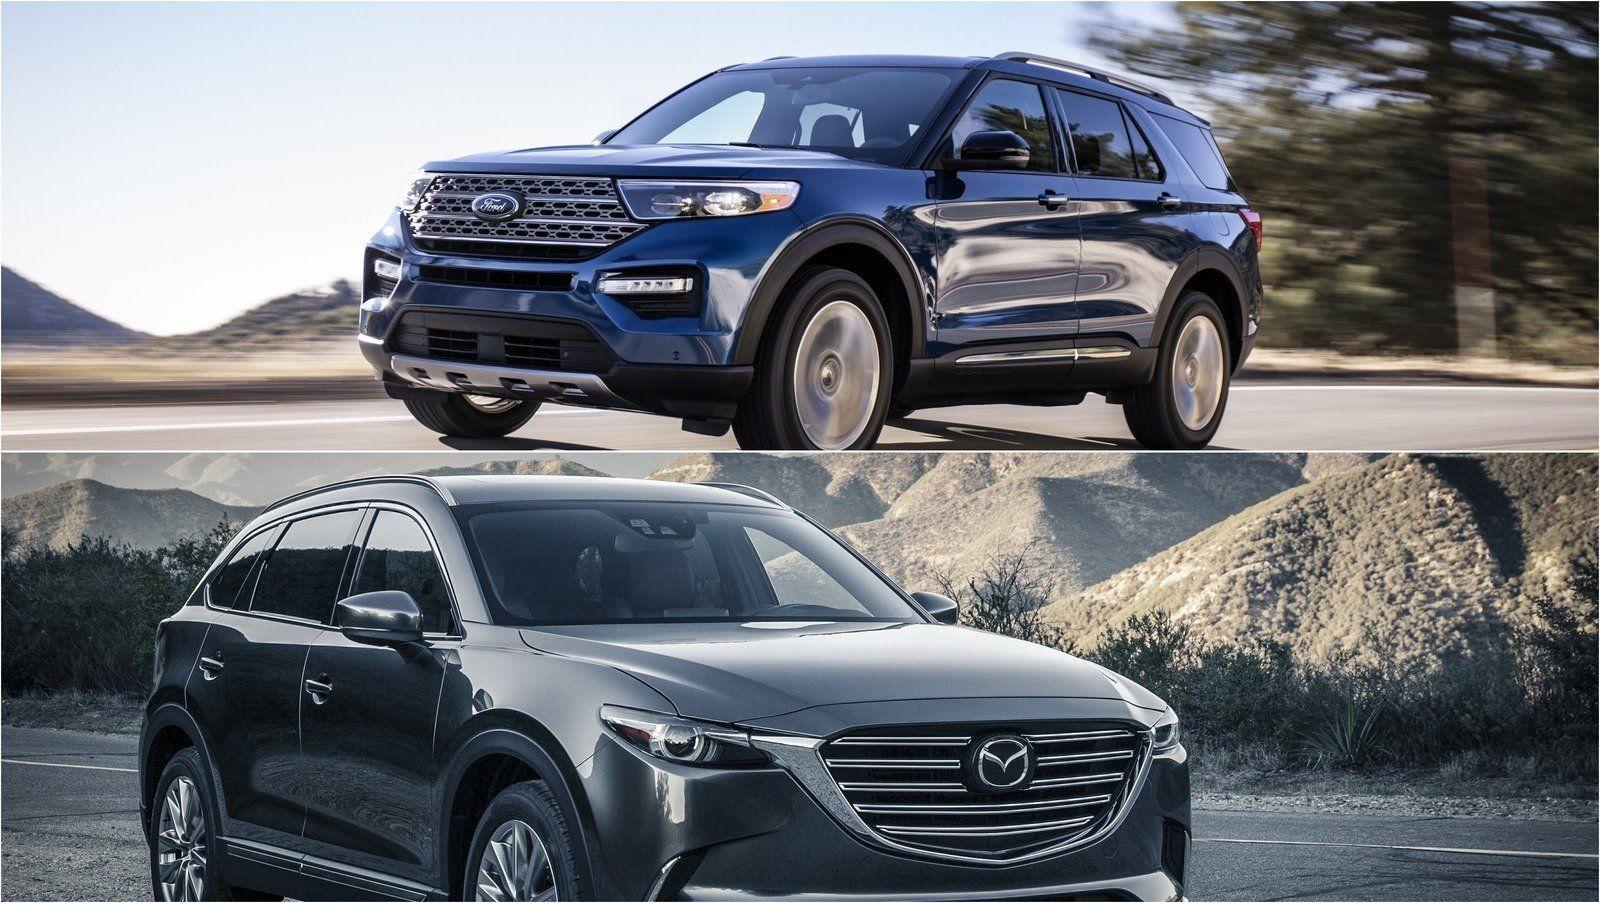 2020 Mazda Cx 9 In 2020 Ford Explorer Mazda Cx 9 Mazda